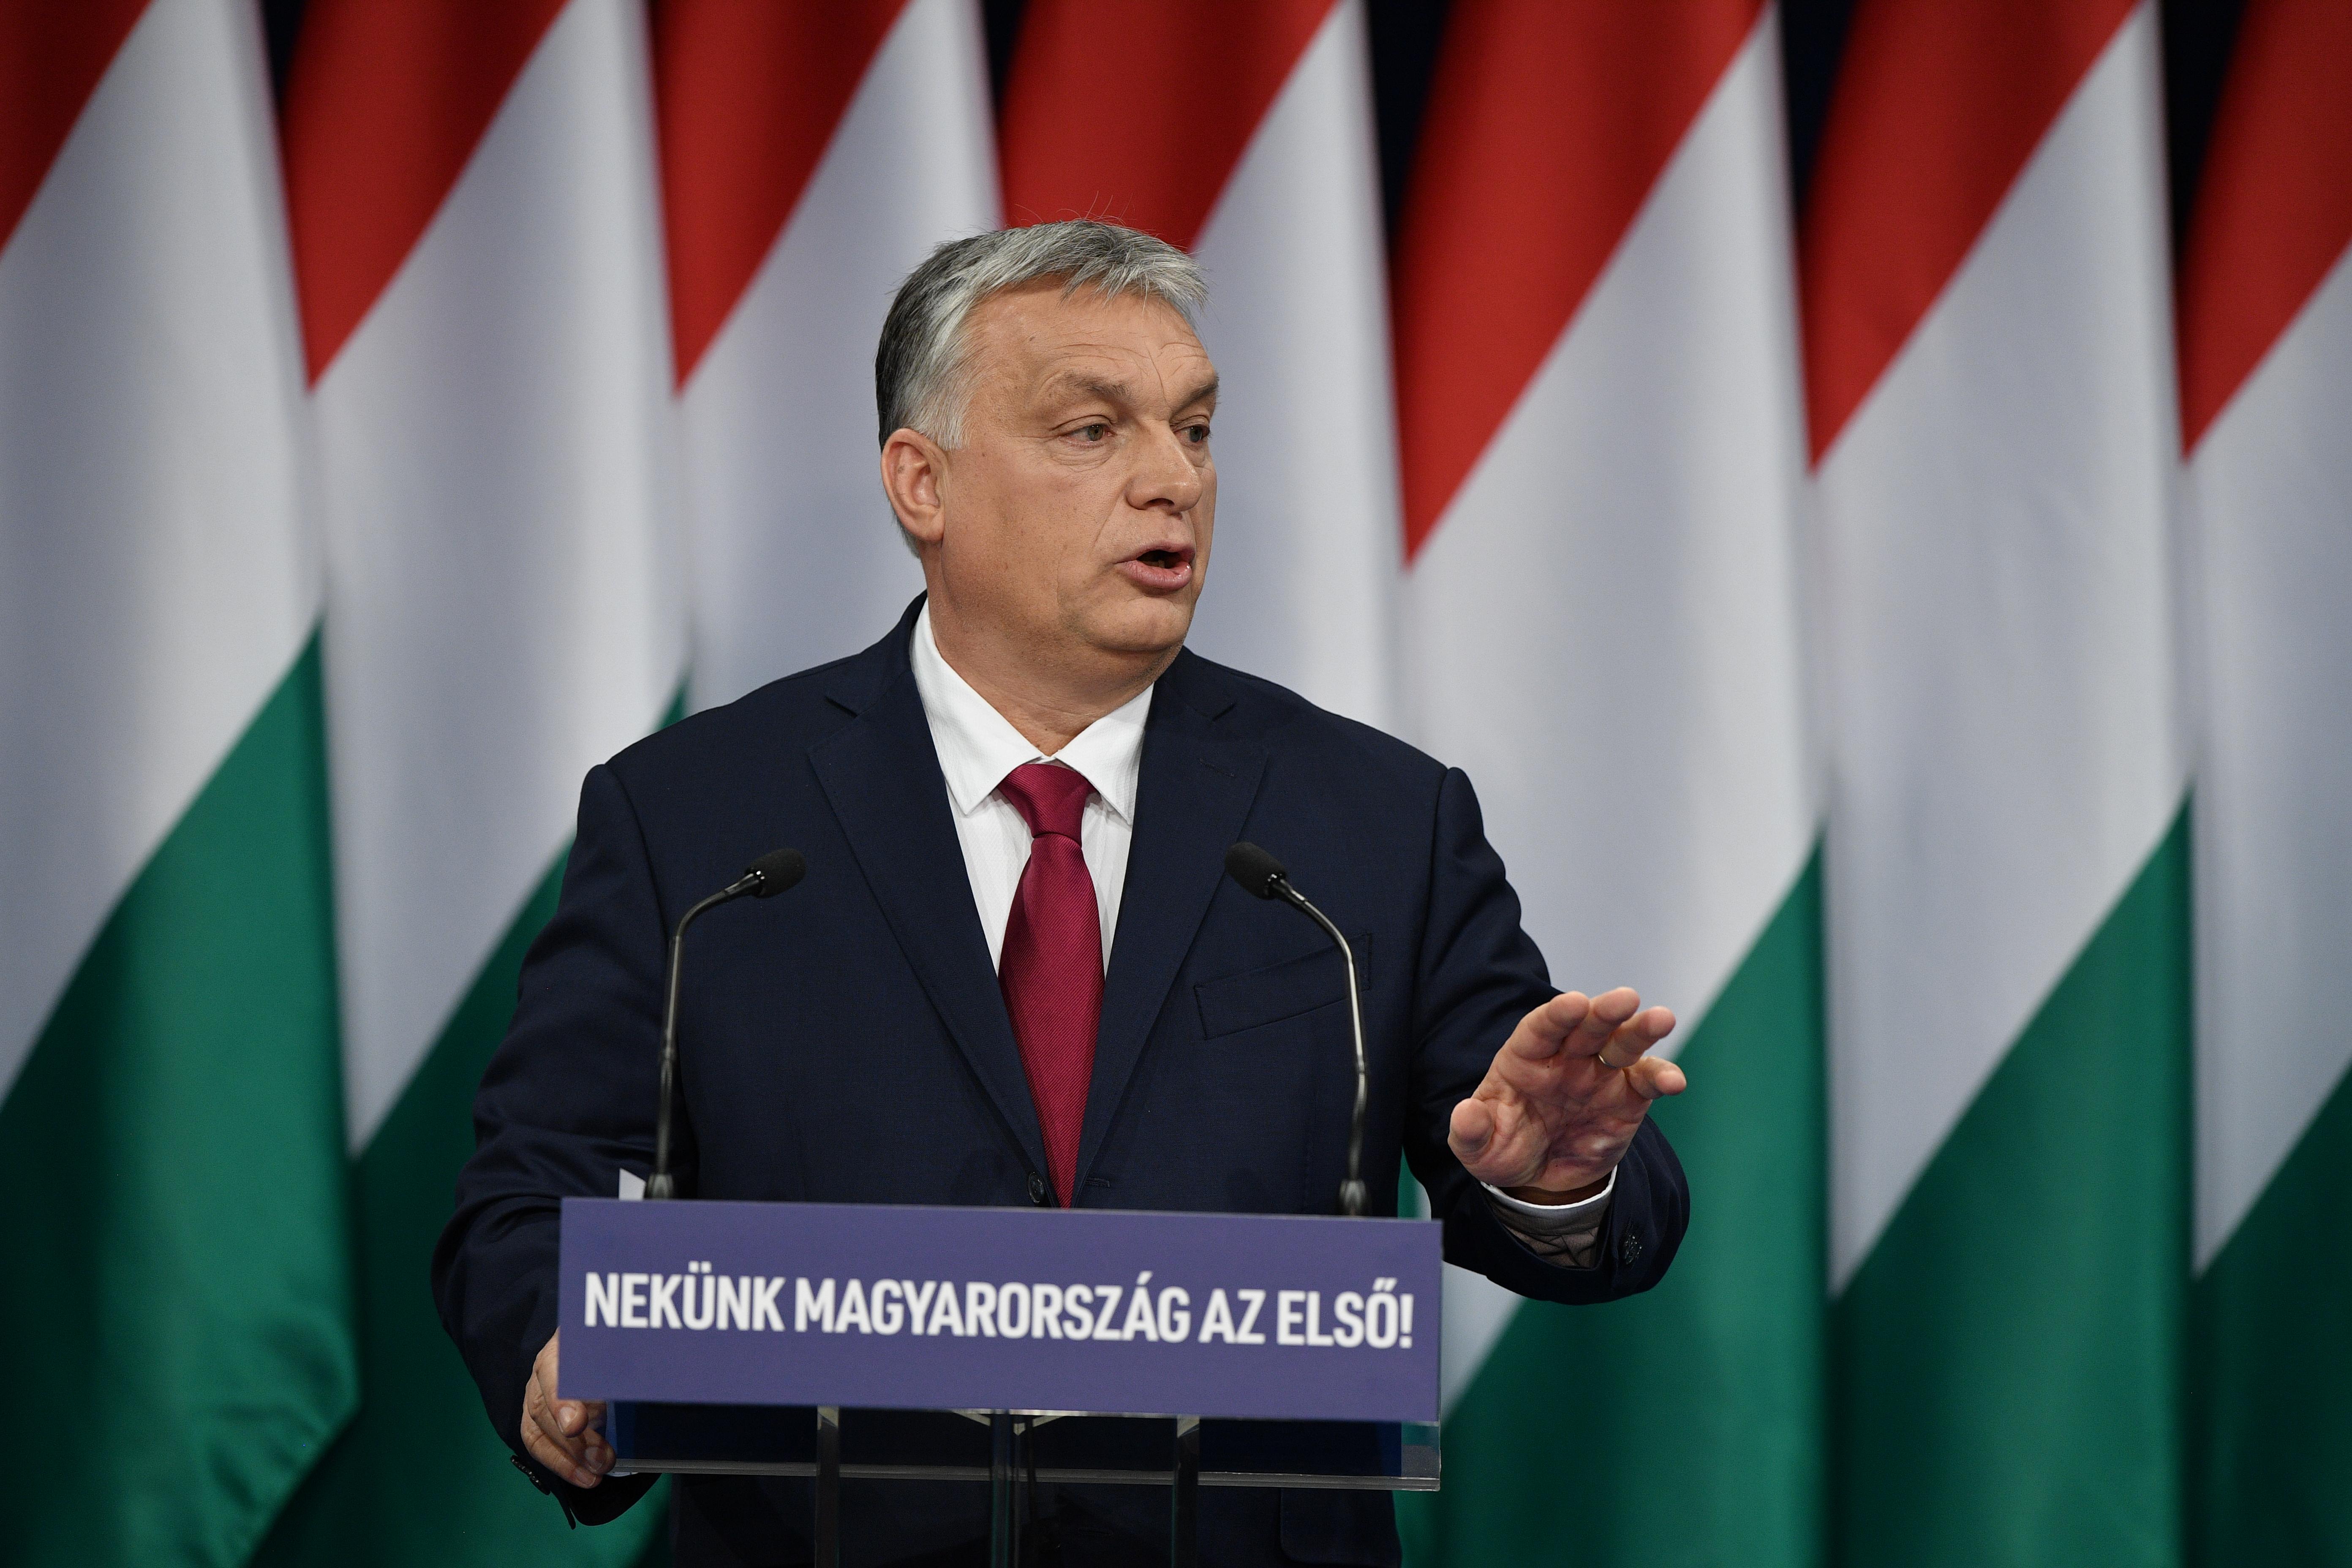 Orbán elárulta, mi lenne, ha az egyik gyereke meleg lenne vagy muszlimmal járna